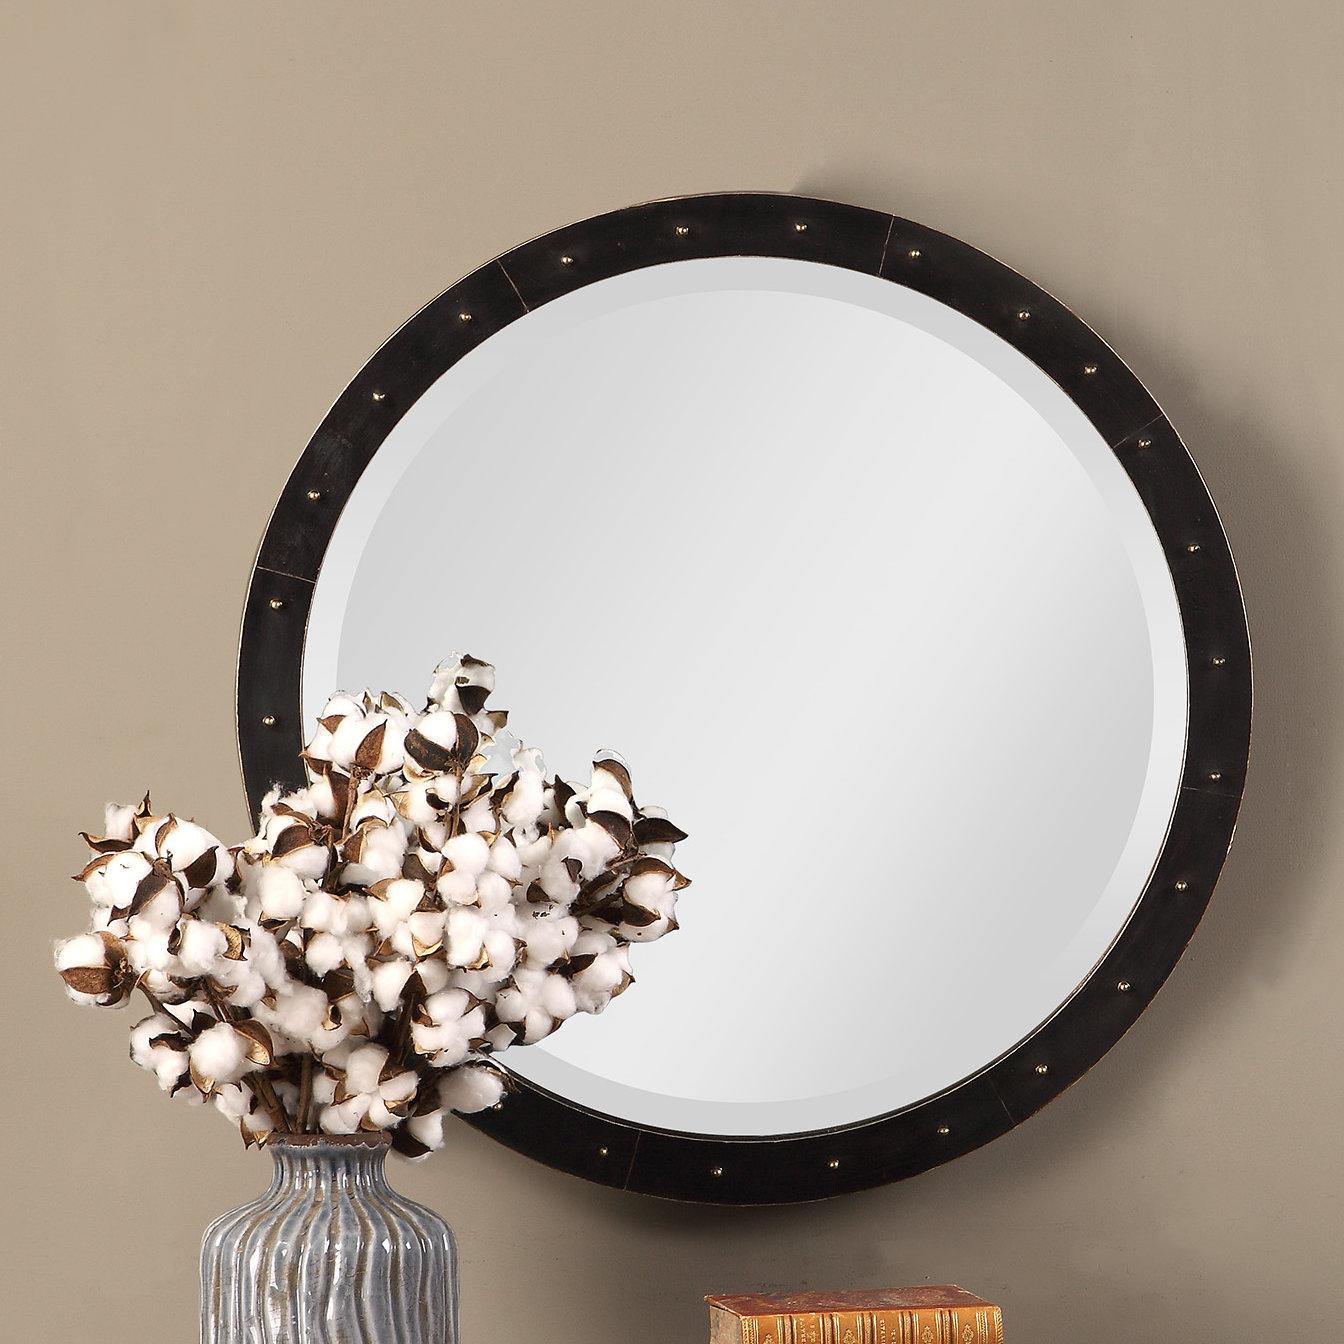 Burt Round Industrial Accent Mirror Intended For Austin Industrial Accent Mirrors (Image 10 of 30)